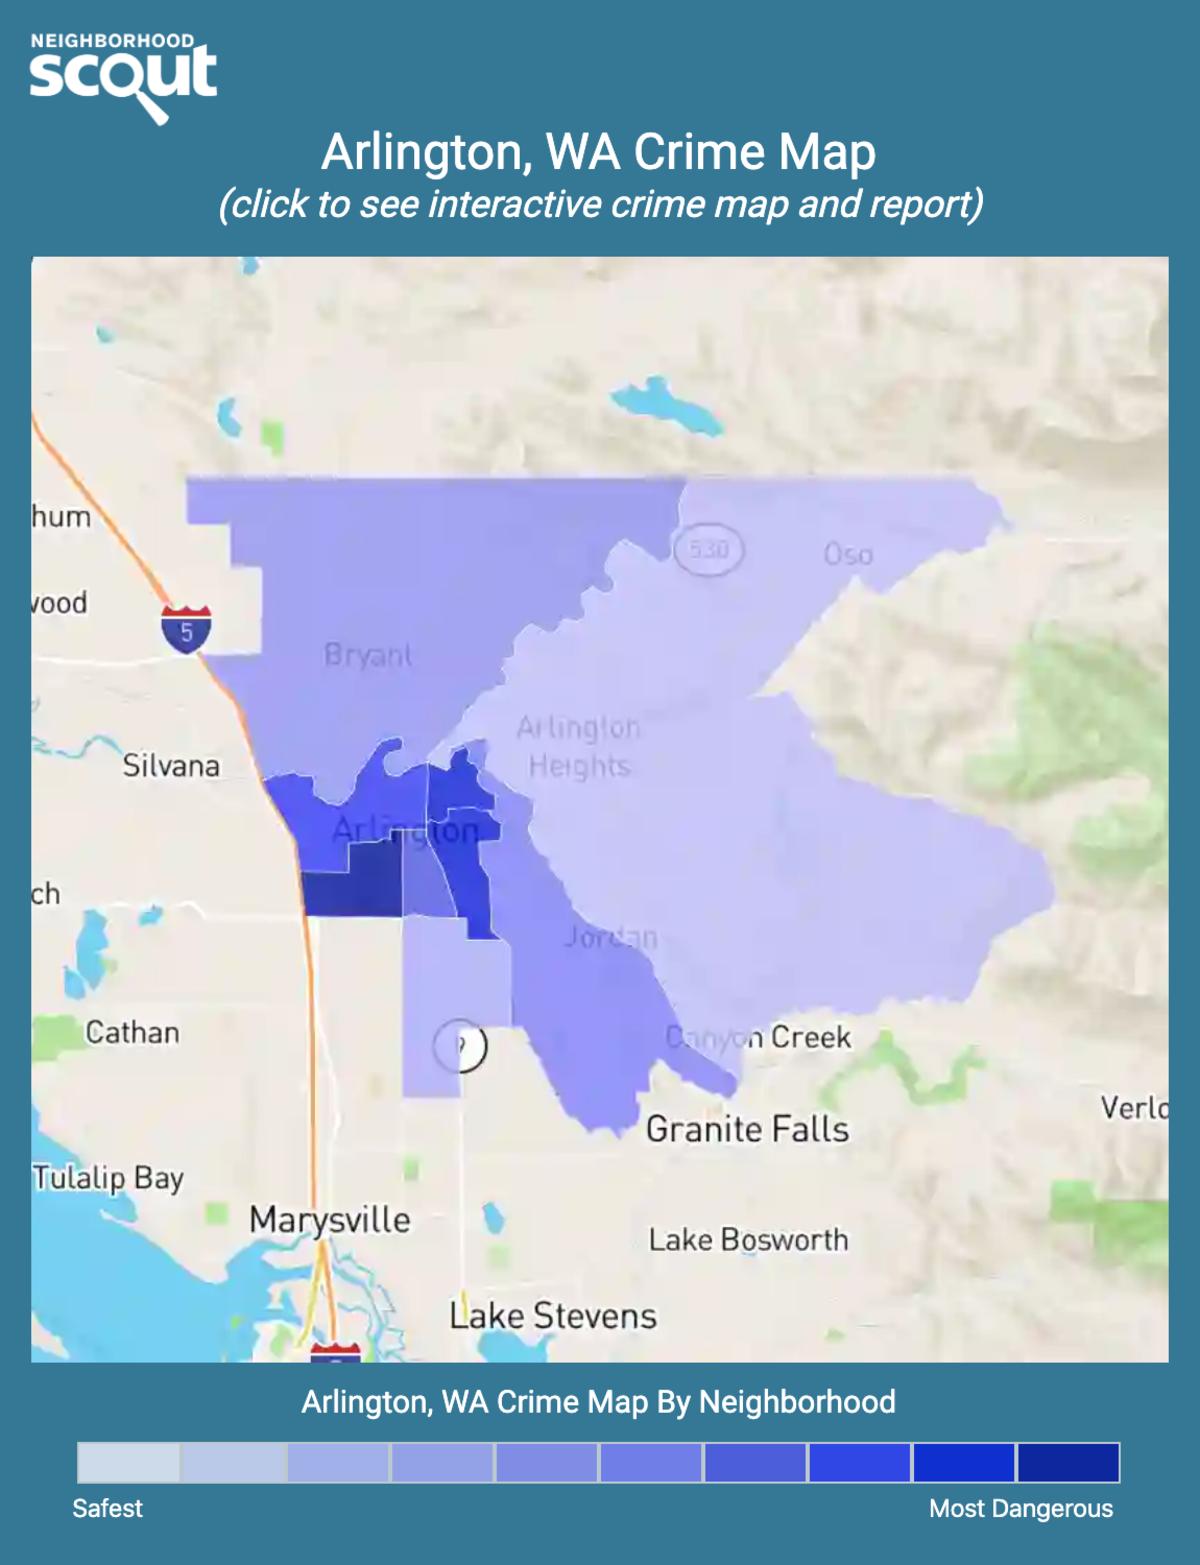 Arlington, Washington crime map